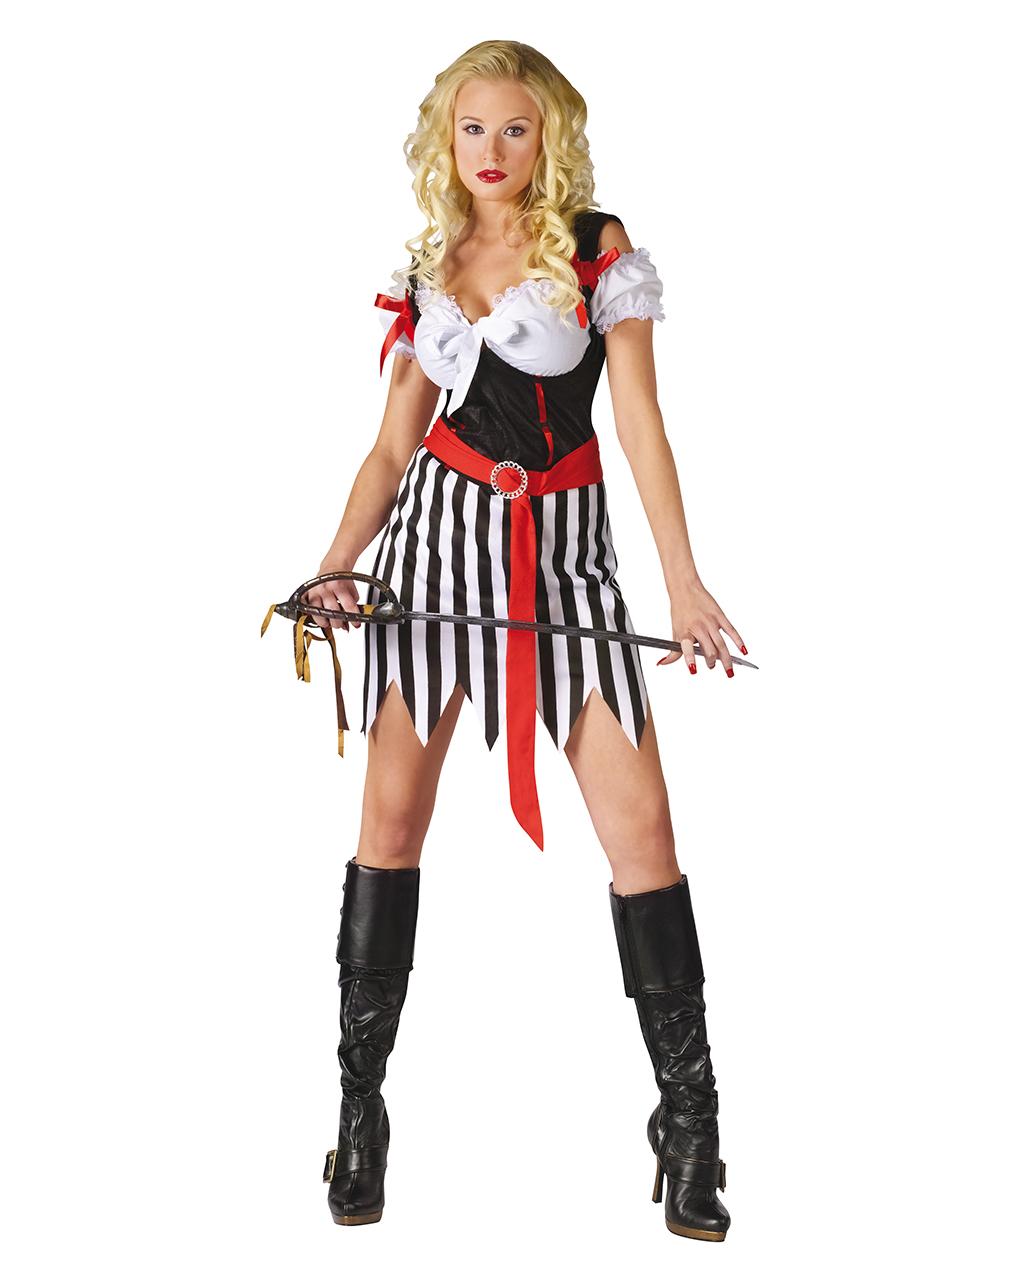 Piratenbraut Kostum M L Piratenlady Kostum Fur Karneval Horror